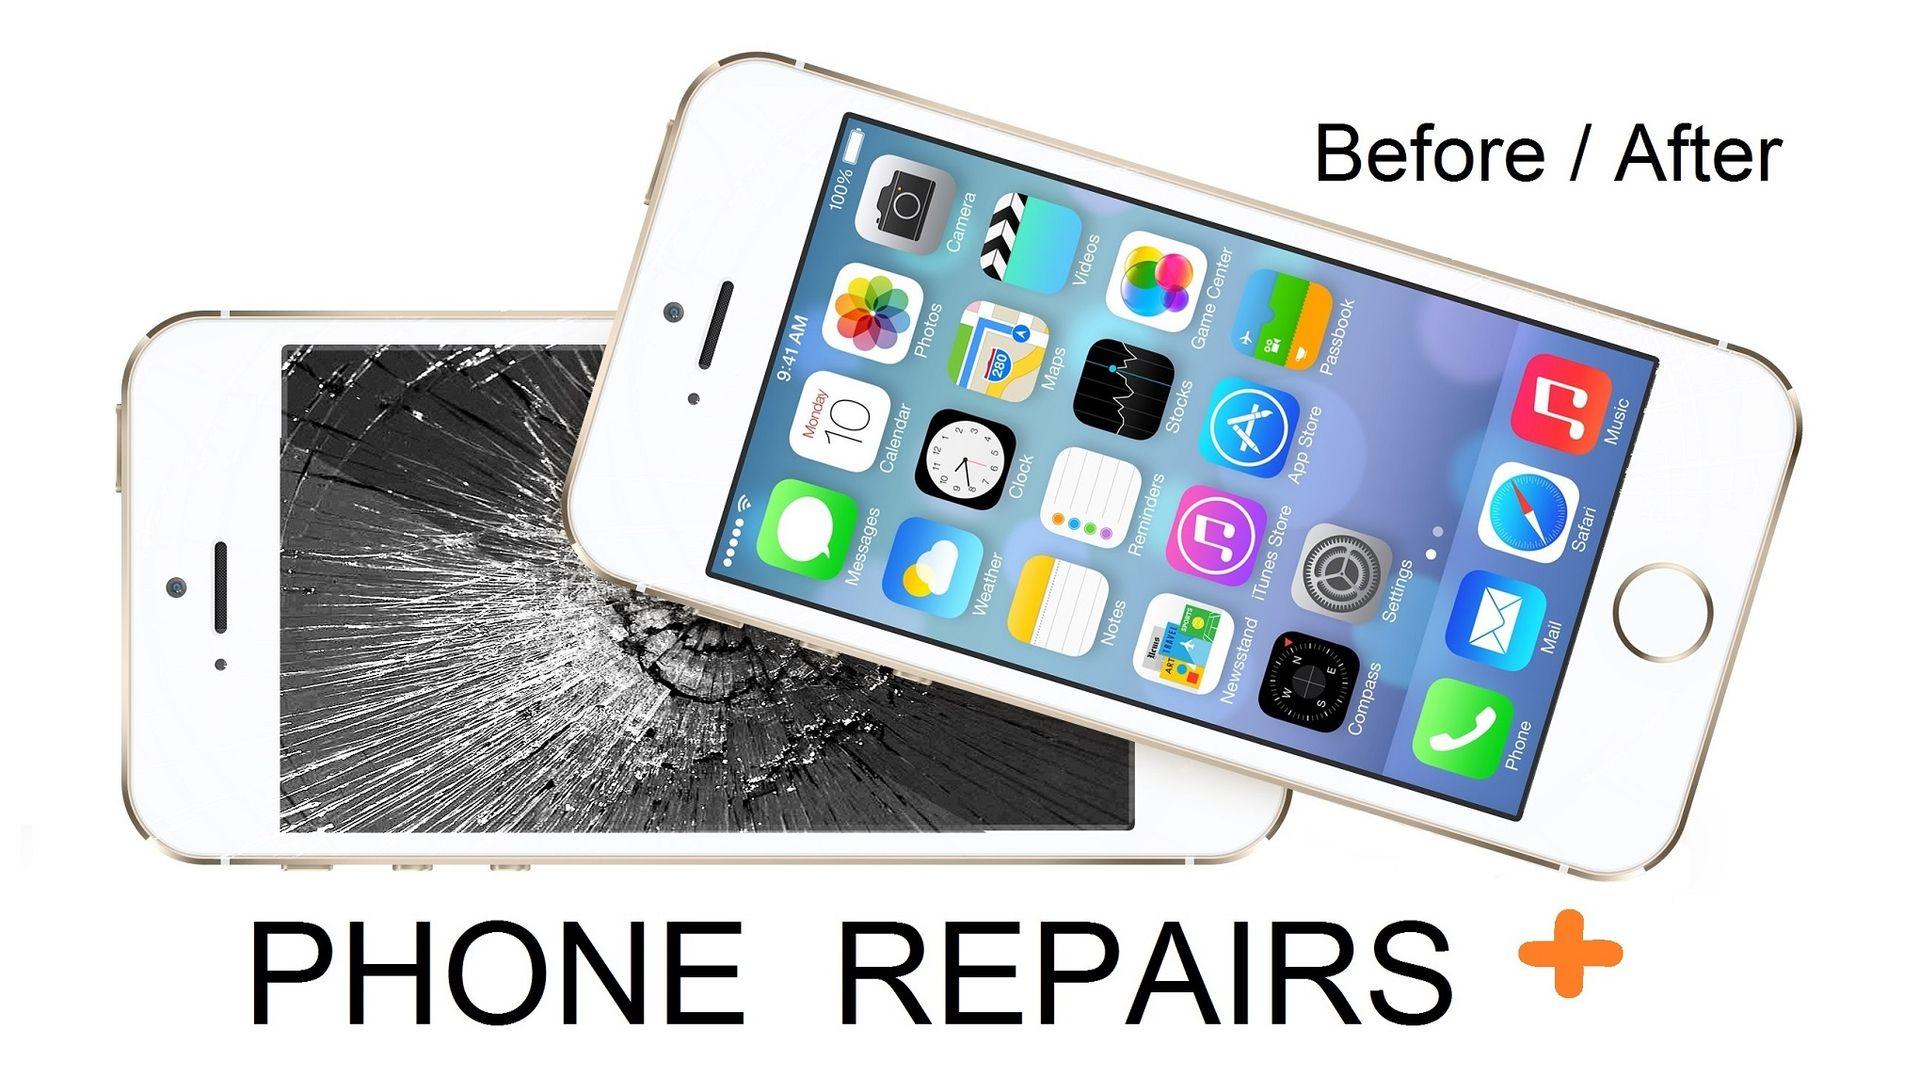 ⚡️Fix iPhone X-Xs-Xr-8-7-6 Screen Repair ⚡️ 👍Best Fix iPhone X-Xs-Xr-8-7-6  Screen Repair Shop NJ 👍 | Iphone screen repair, Iphone repair, Phone repair